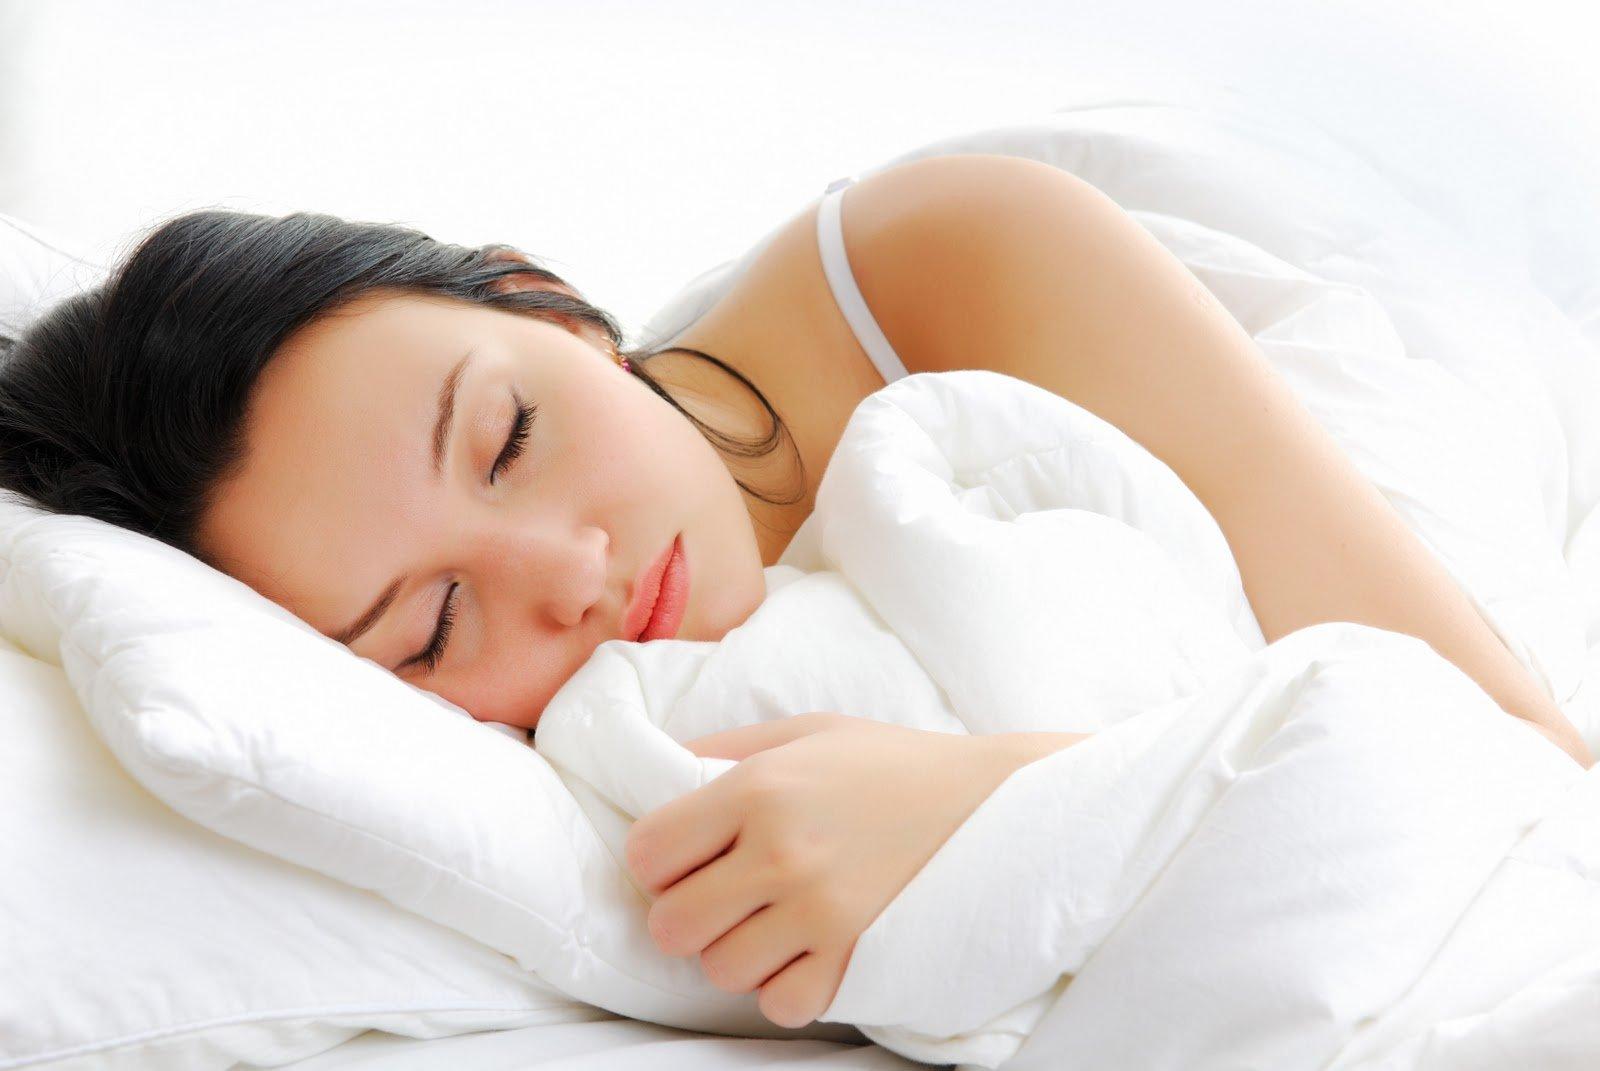 La siesta: una sana costumbre